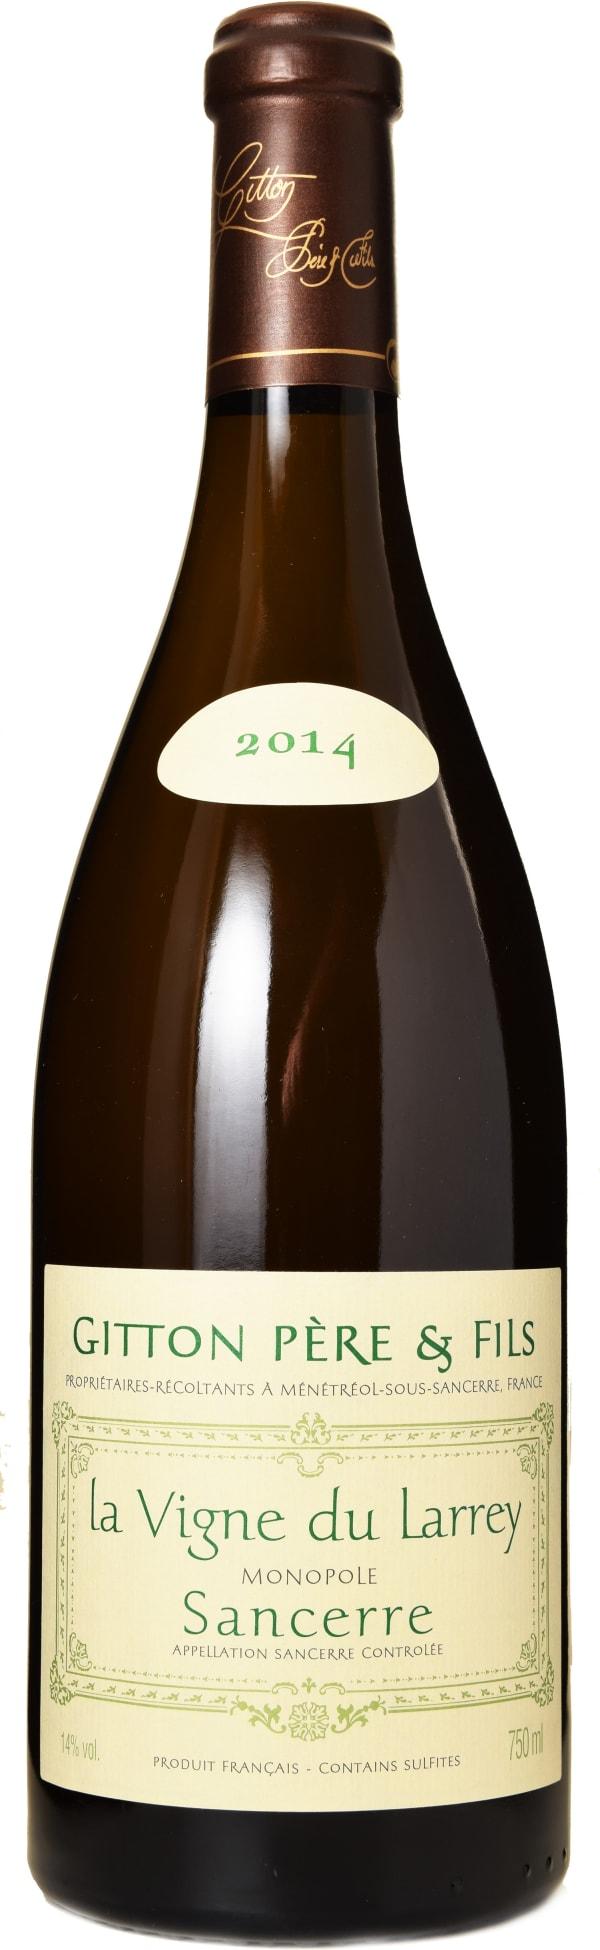 Gitton Père & Fils Sancerre la Vigne du Larrey 2014